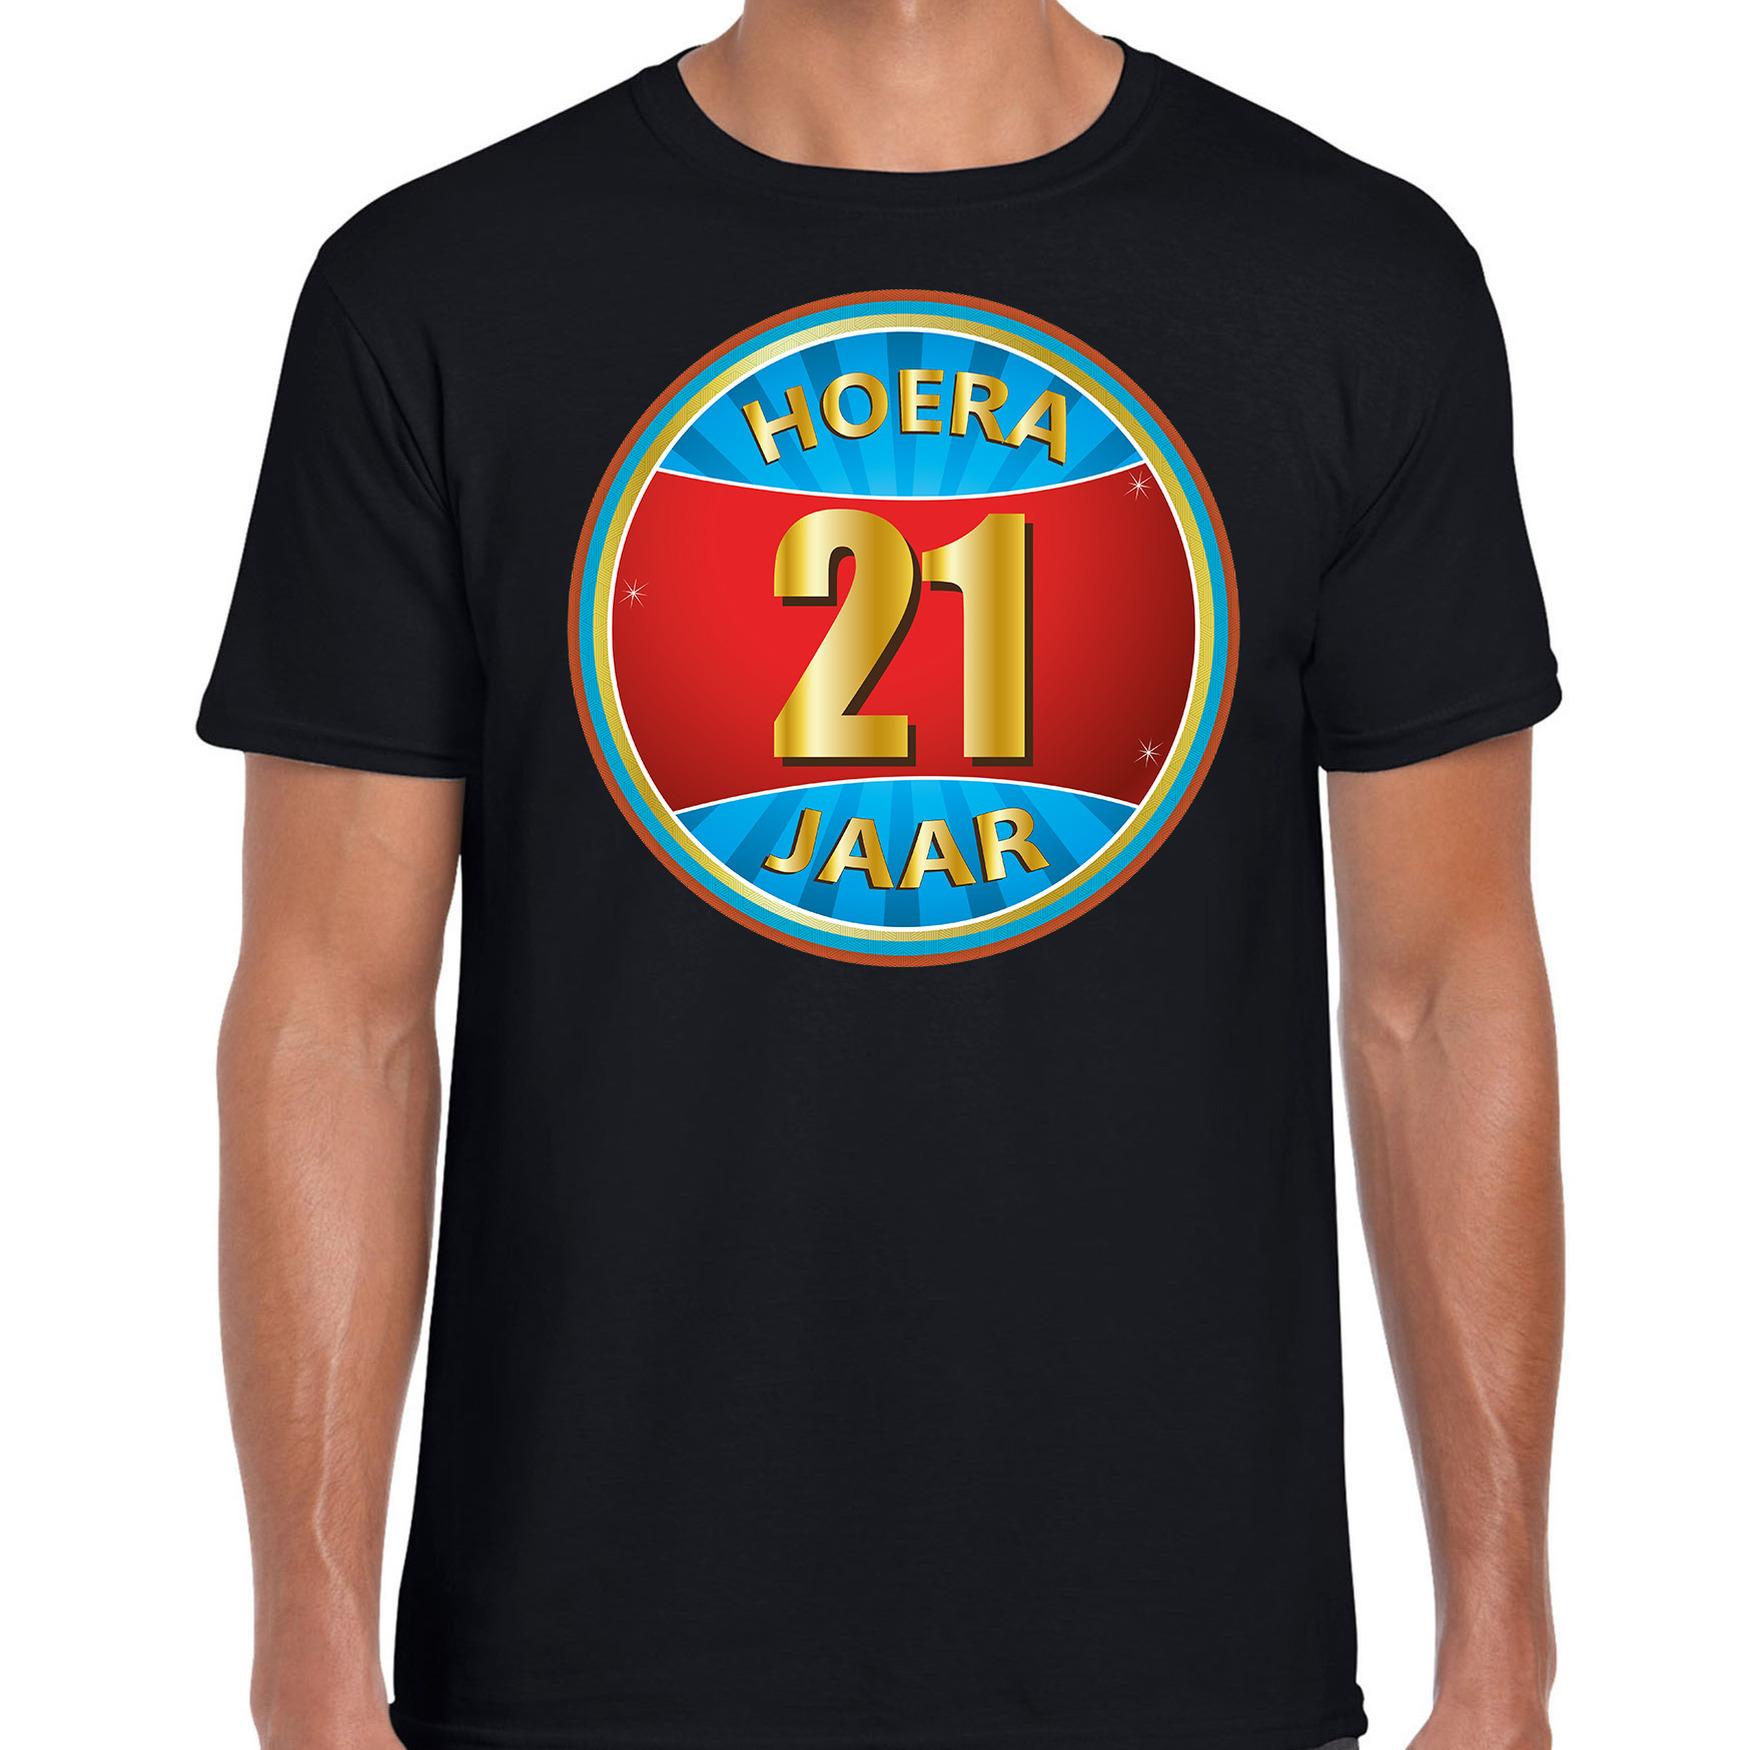 21e verjaardag cadeau t shirt hoera 21 jaar zwart voor heren